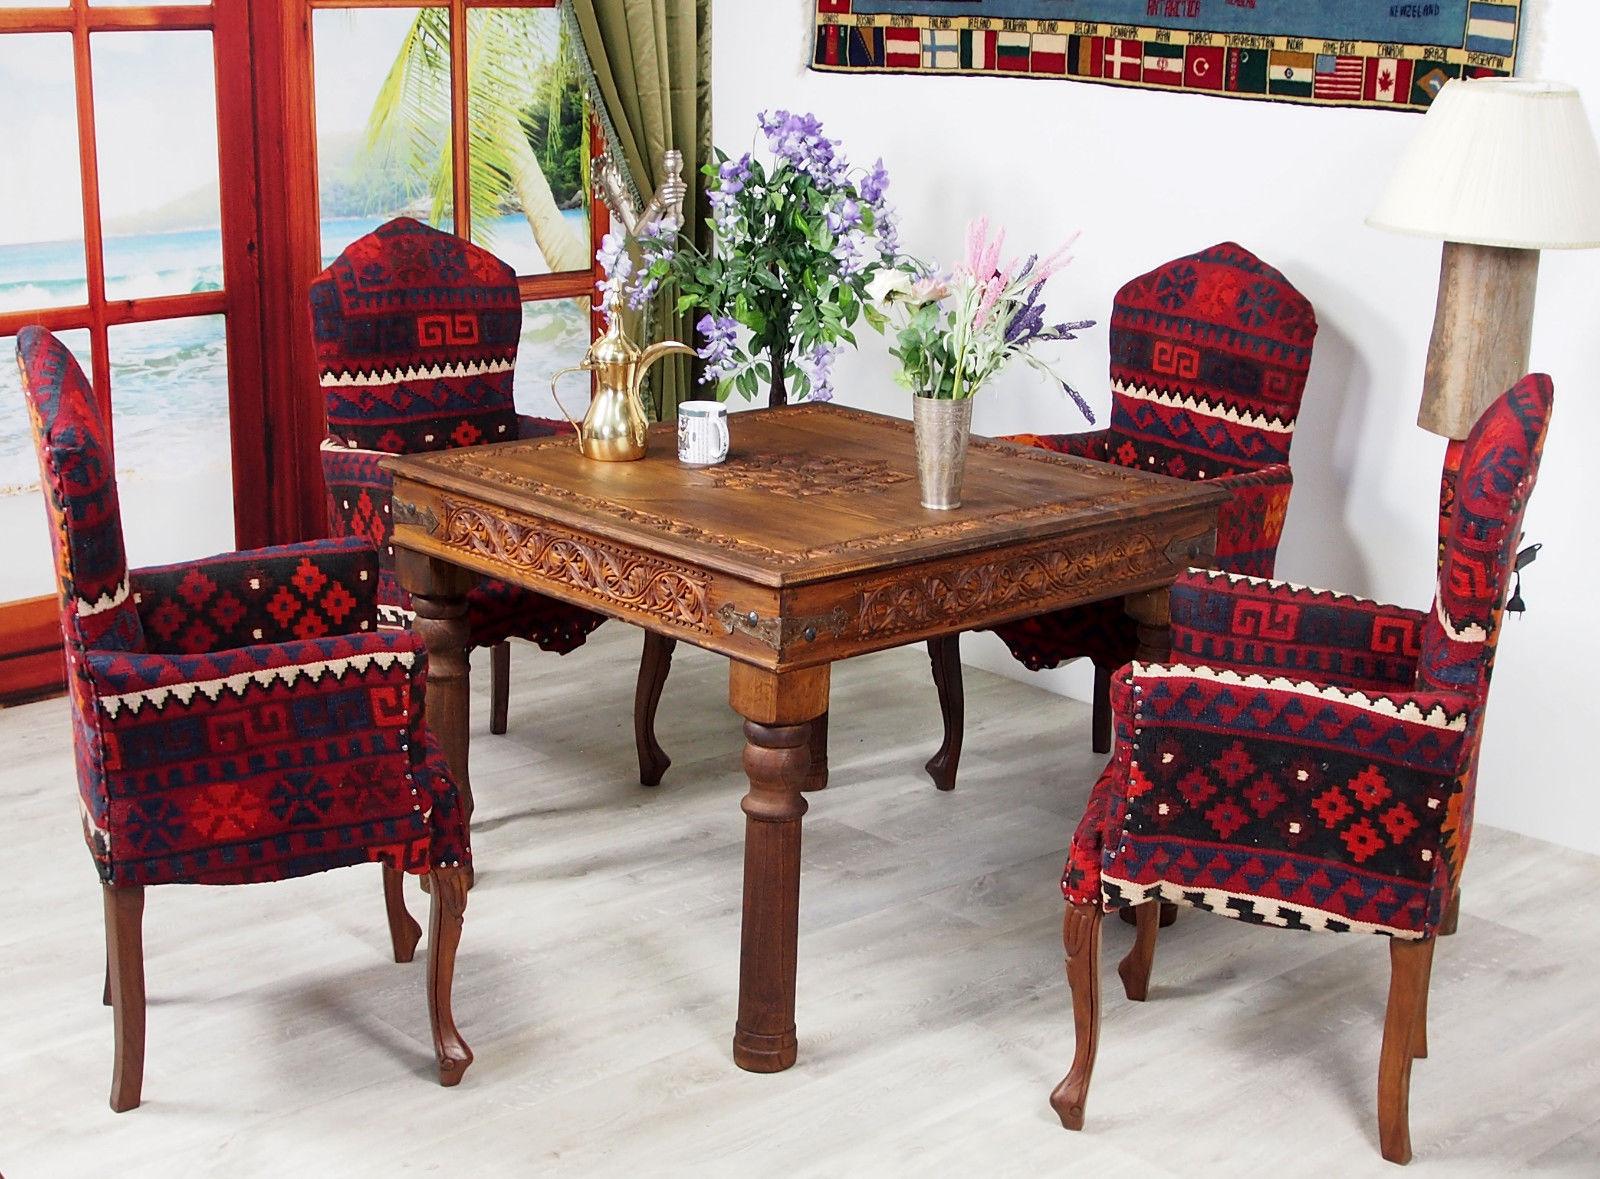 Full Size of Esstisch Kolonialstil 100x100 Cm Antik Look Orient Massiv Holz Tisch Kleine Esstische Eiche Stühle Grau Ausziehbar Holzplatte Mit Stühlen Set Günstig Esstische Esstisch Kolonialstil